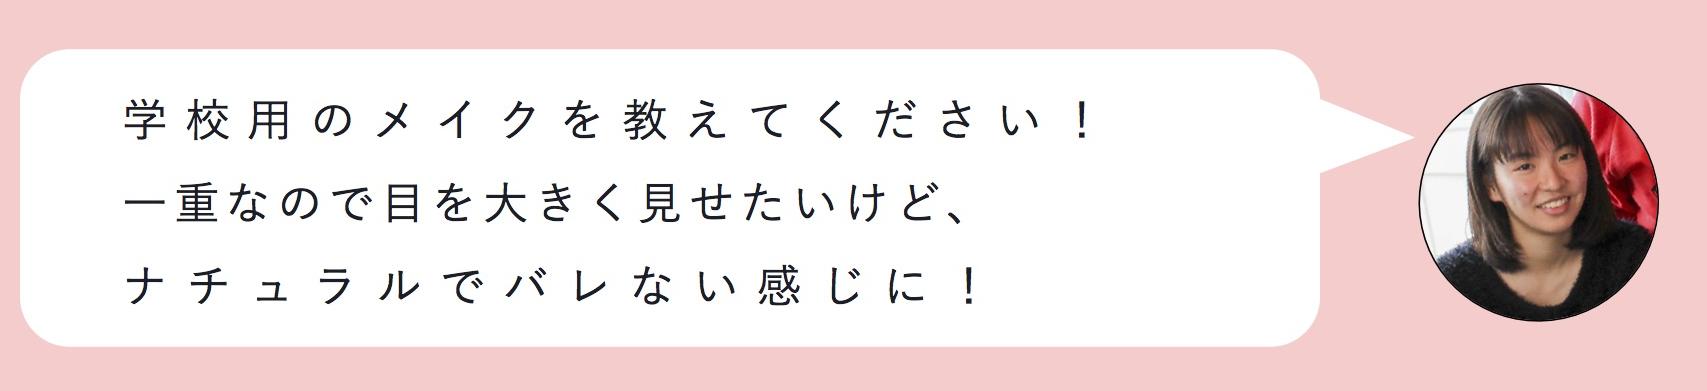 ari_chan03